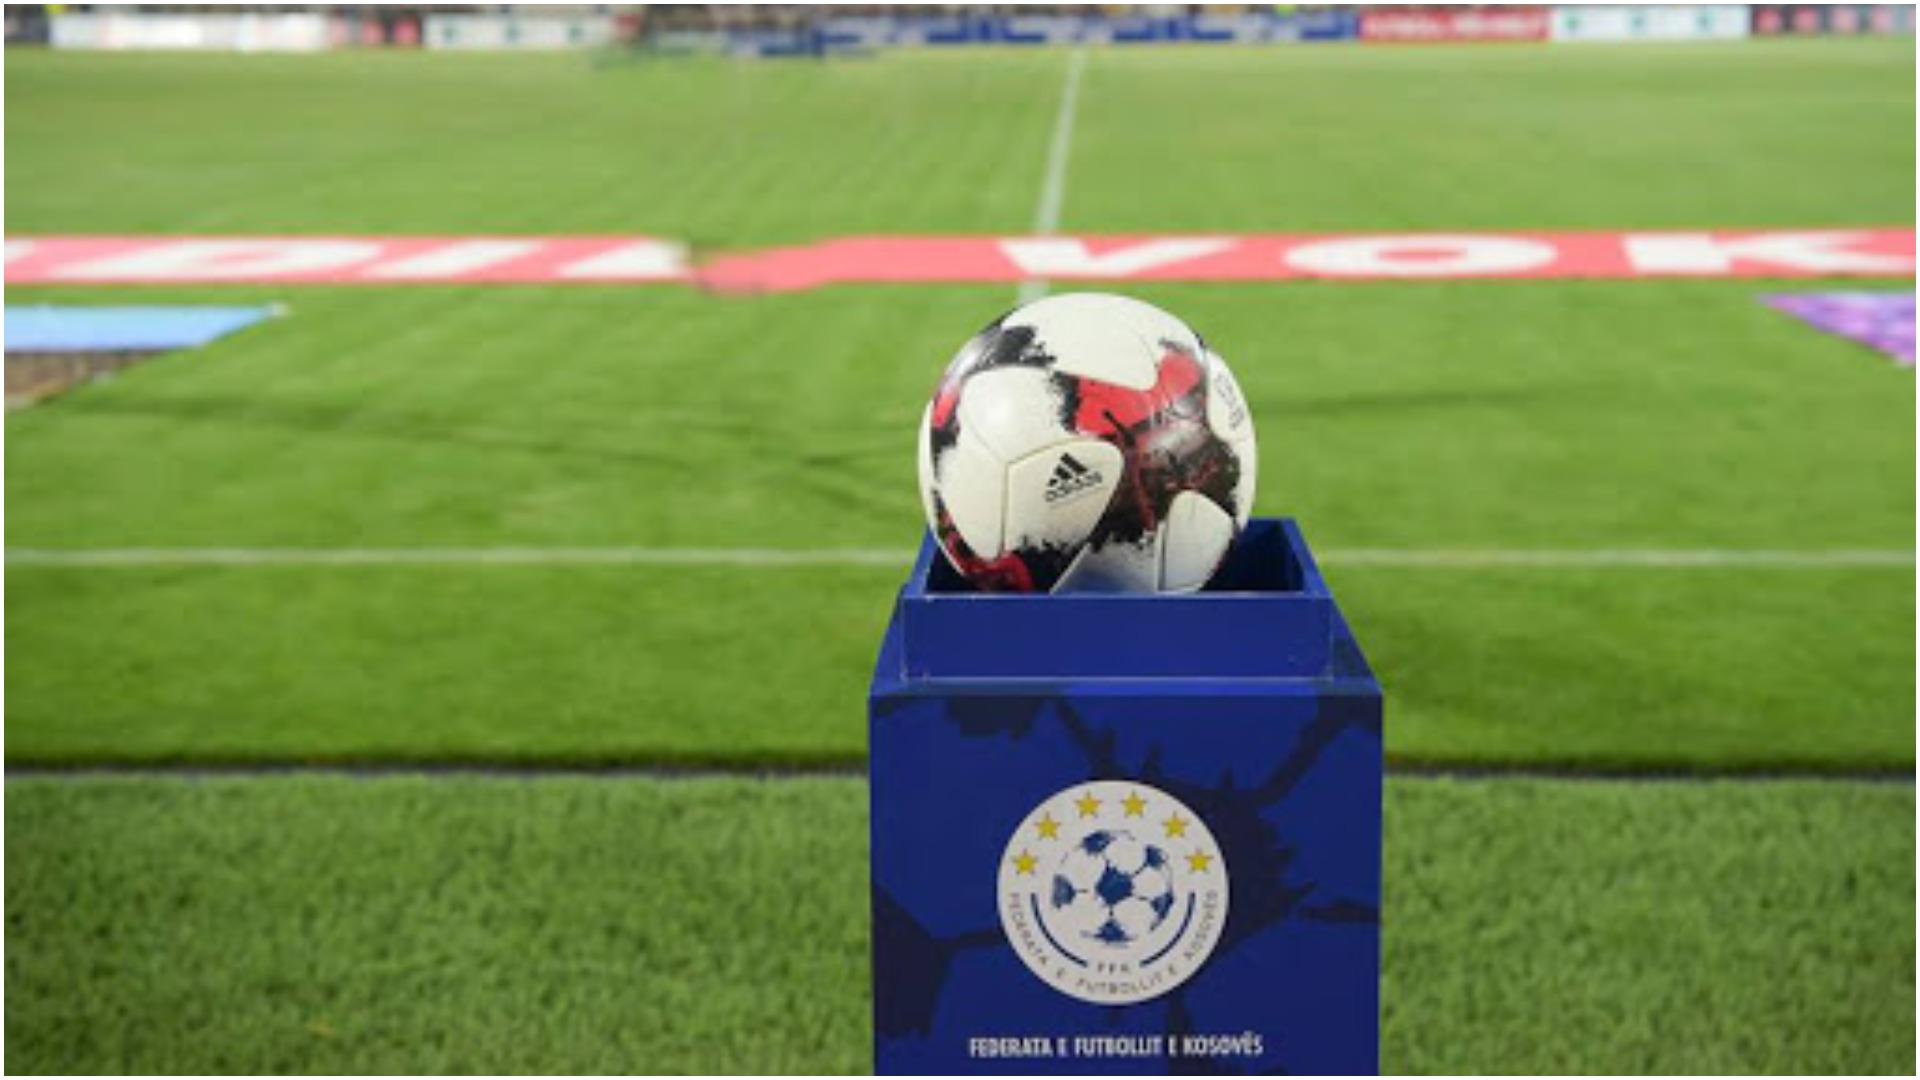 FFK nën akuzë, klubi dardan: Mos na hidhni hi syve, na jepni milionat e UEFA-s